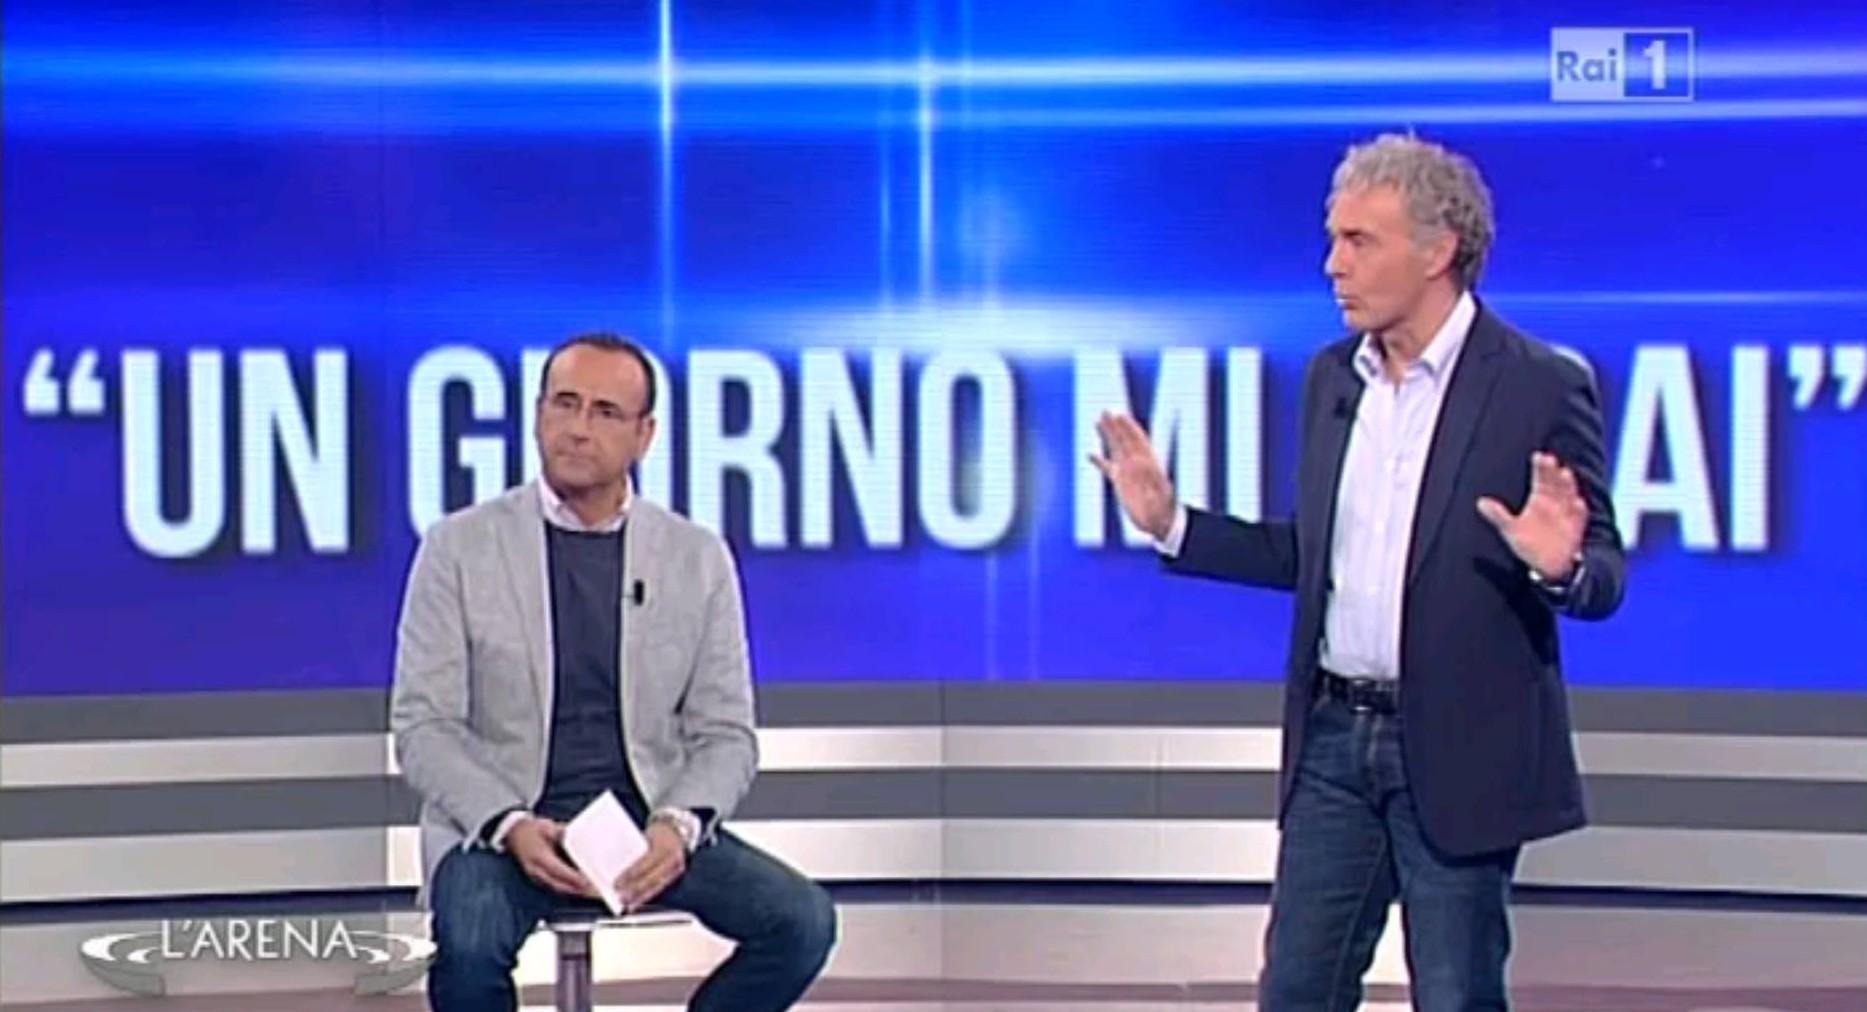 Sanremo 2016 cantanti: i nomi dei Big